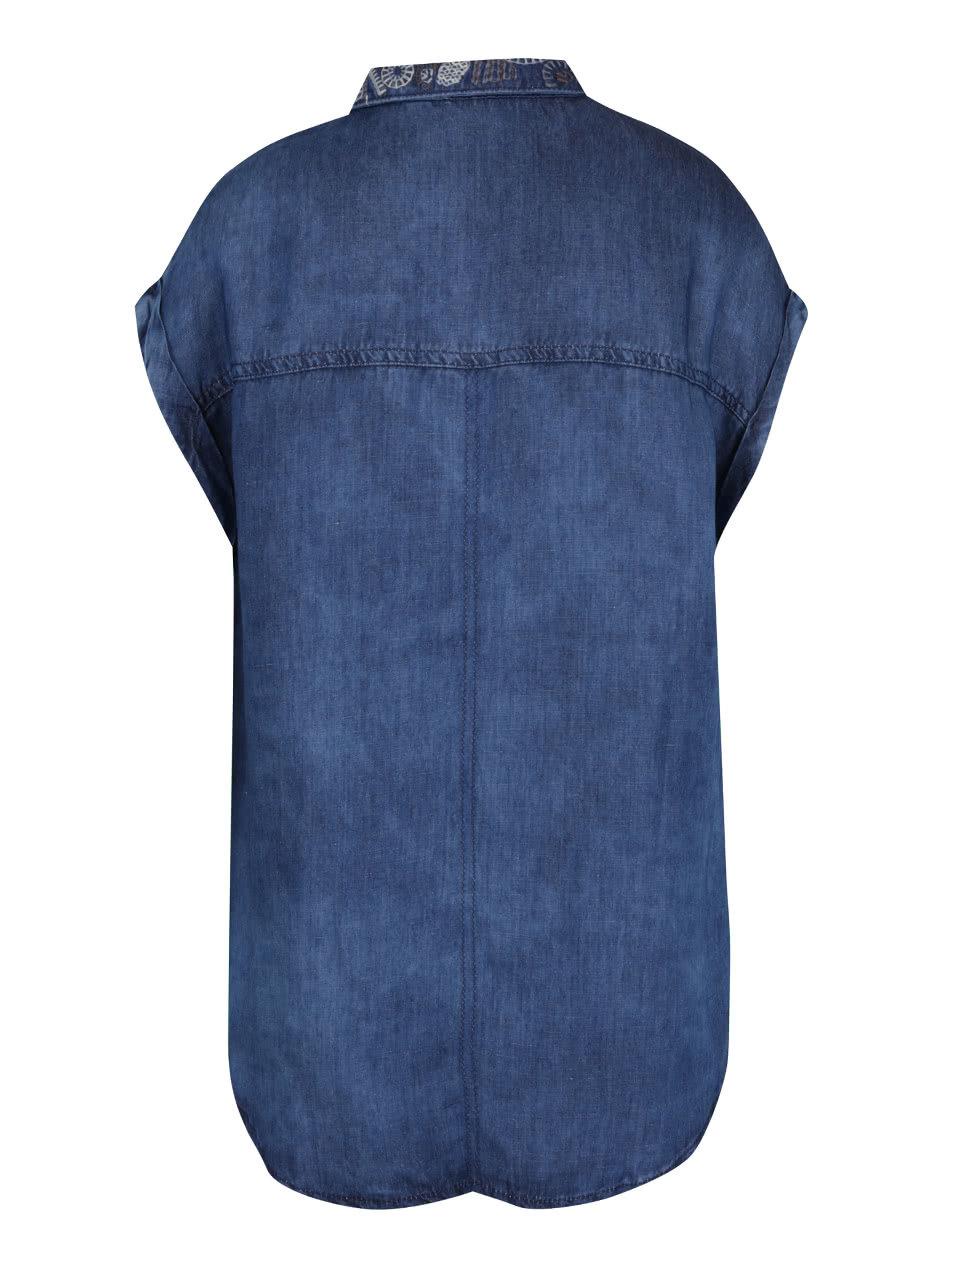 9dddce527a5 Modrá dámská džínová košile s krátkými rukávy Pepe Jeans Bandita ...